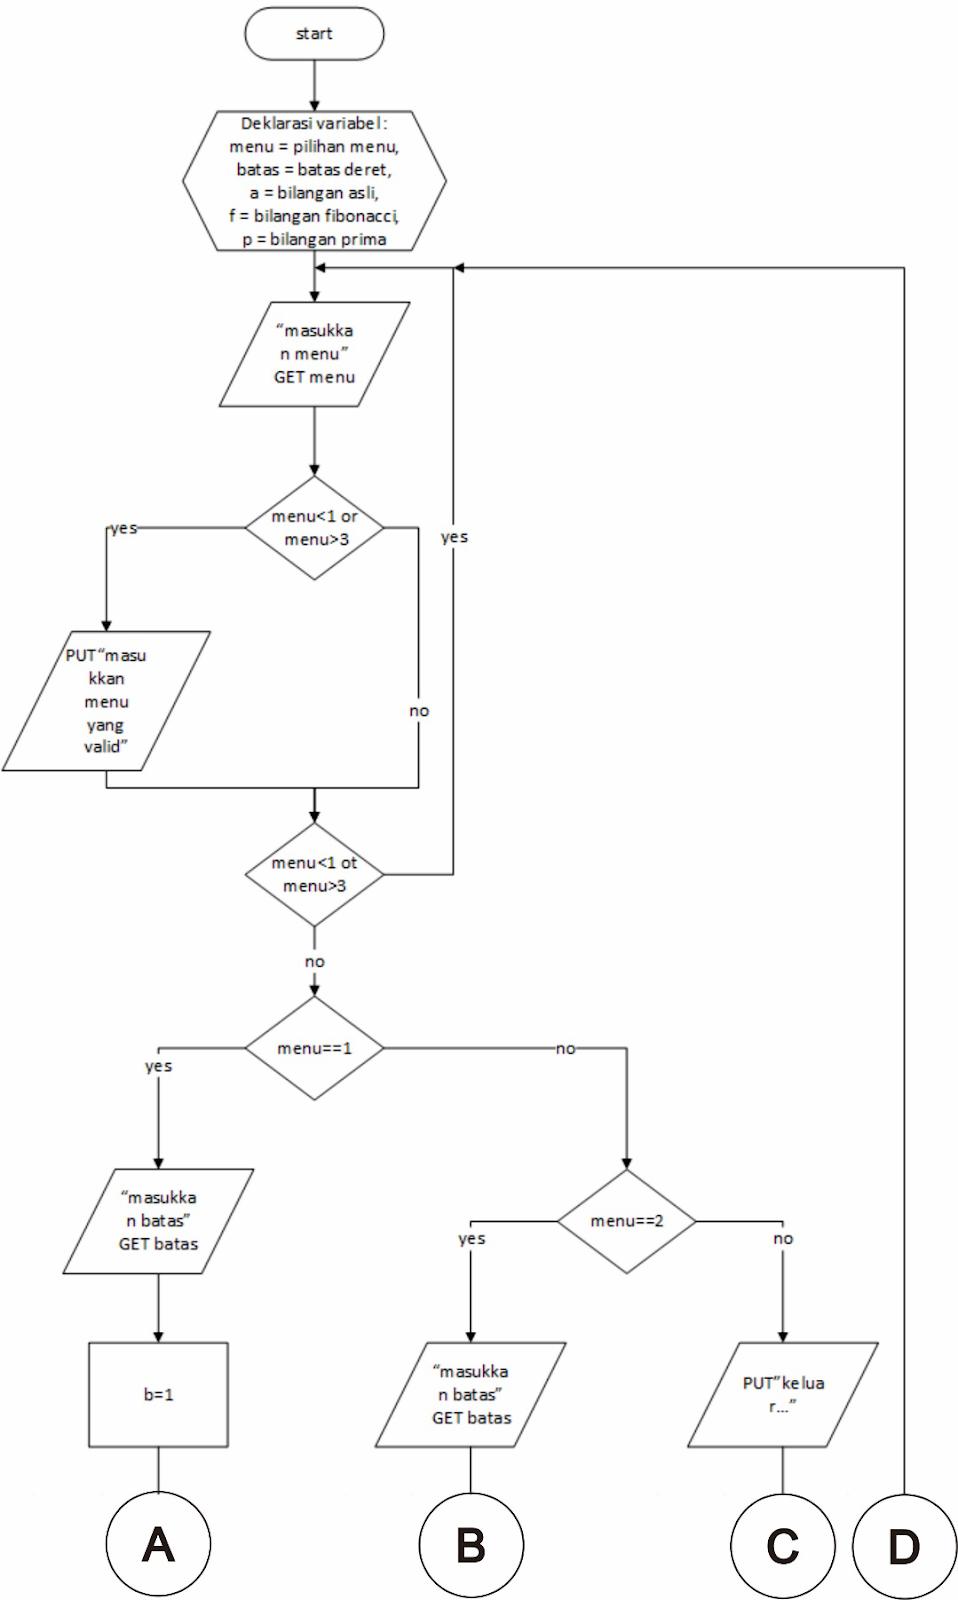 Bilangan Prima C++ : bilangan, prima, Modul, Bahasa, Looping, Bilangan, Prima, Fibonacci, Mikamerah